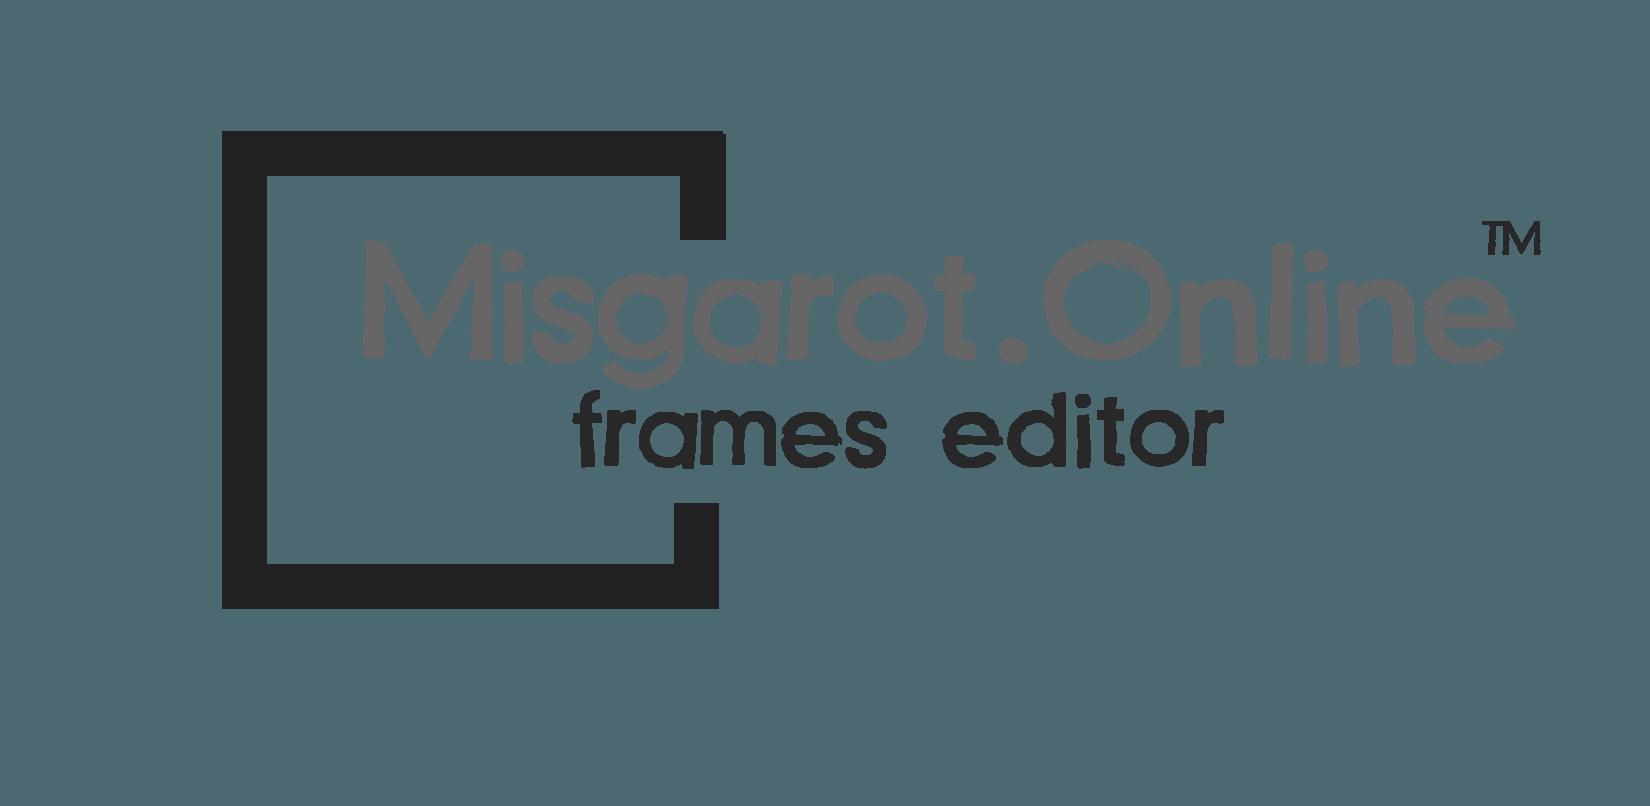 Misgarot.Online